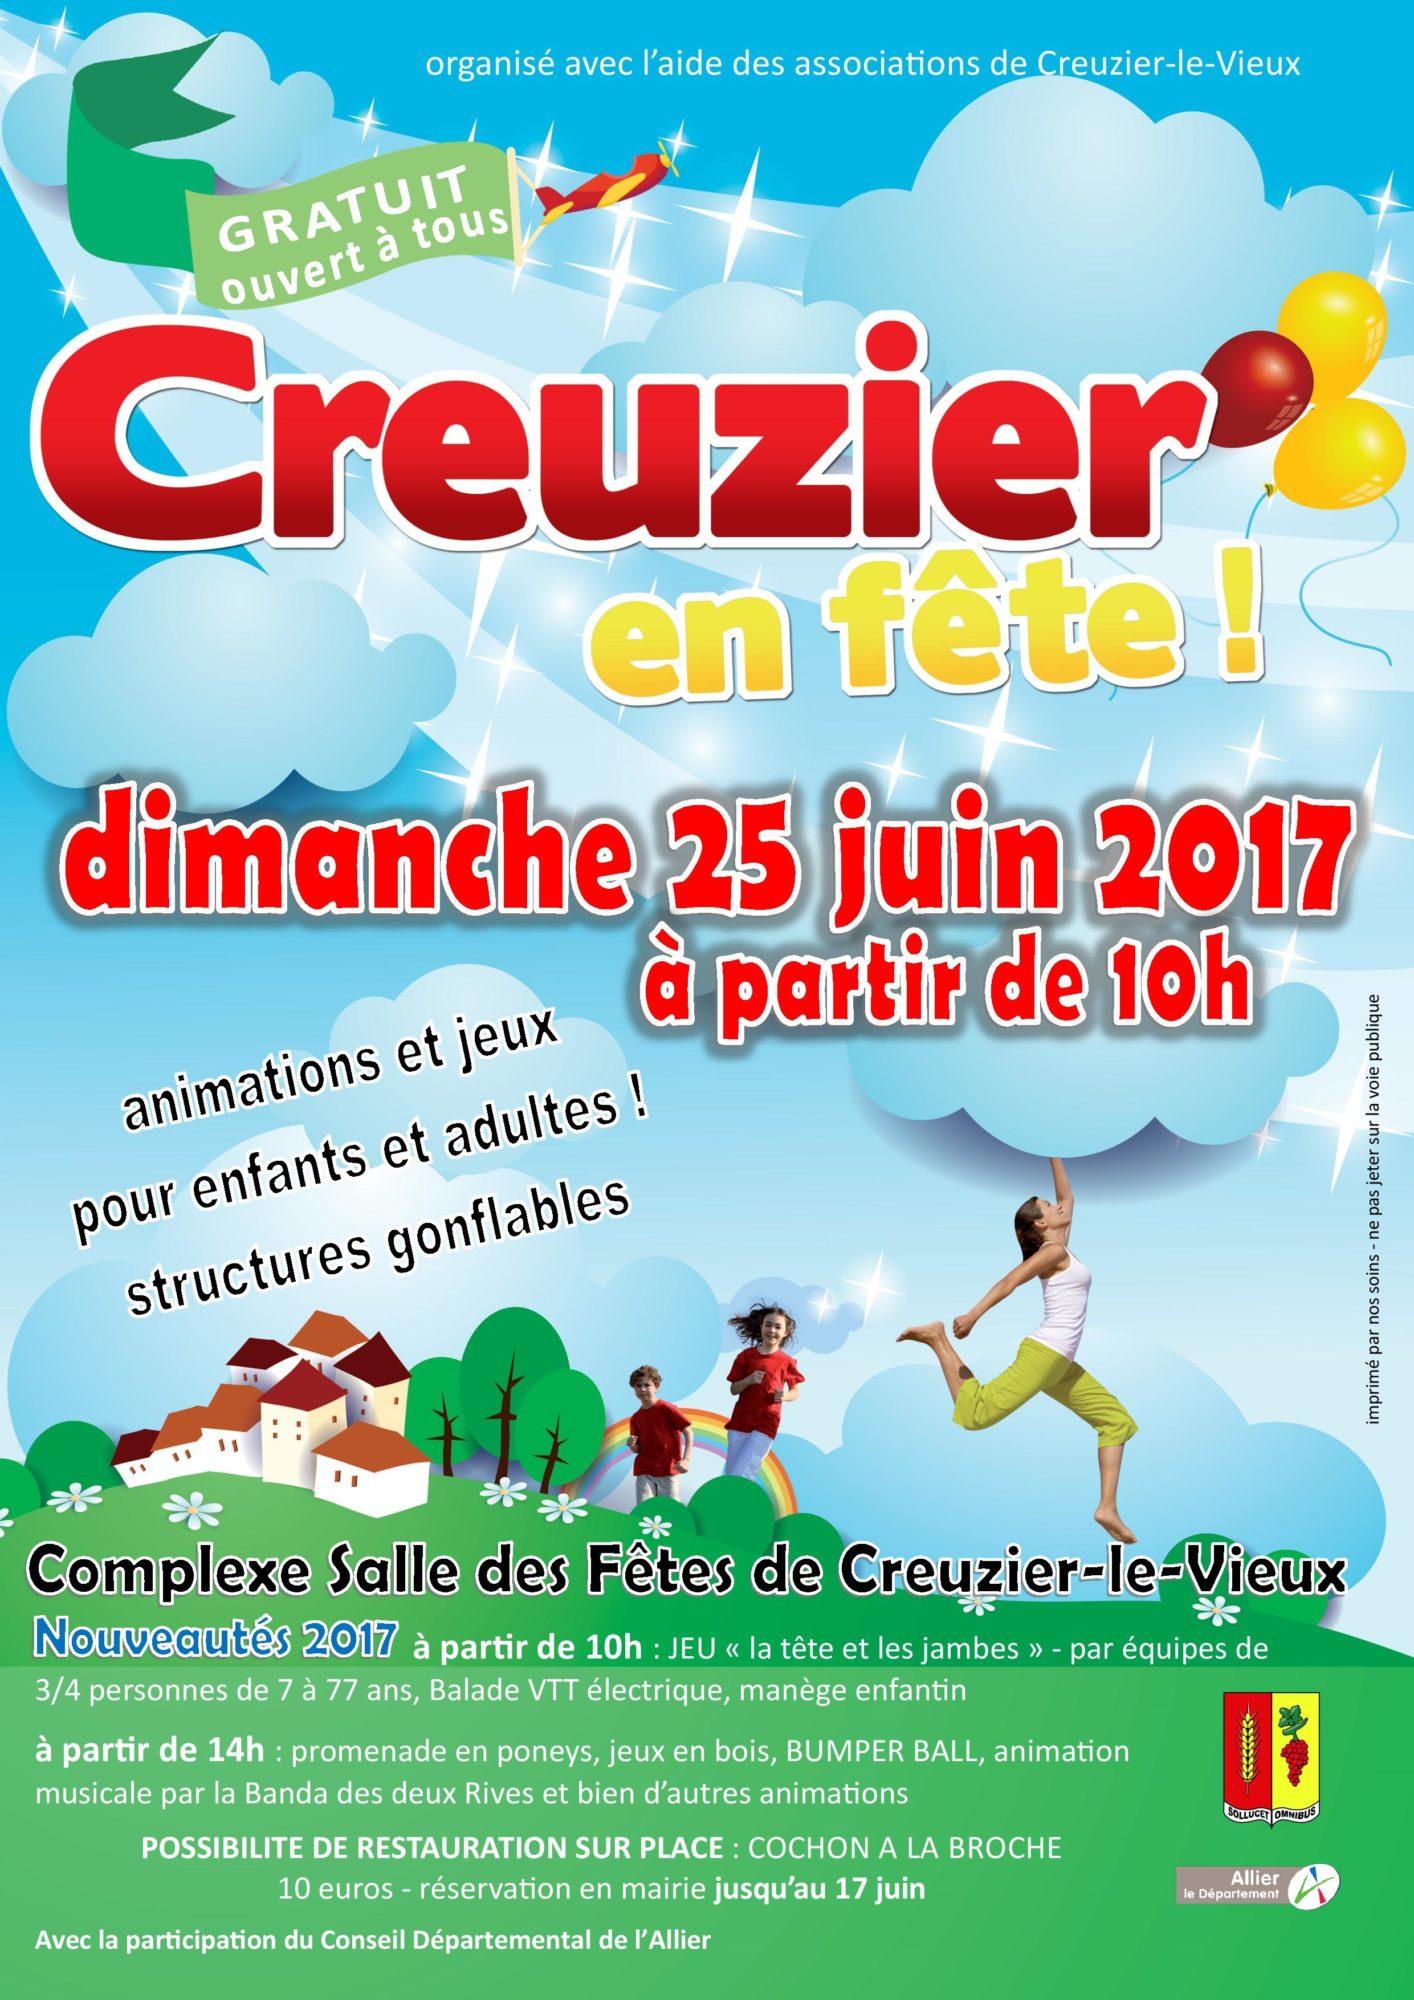 CREUZIER EN FETE - 25 juin 2017-page-001 (2)